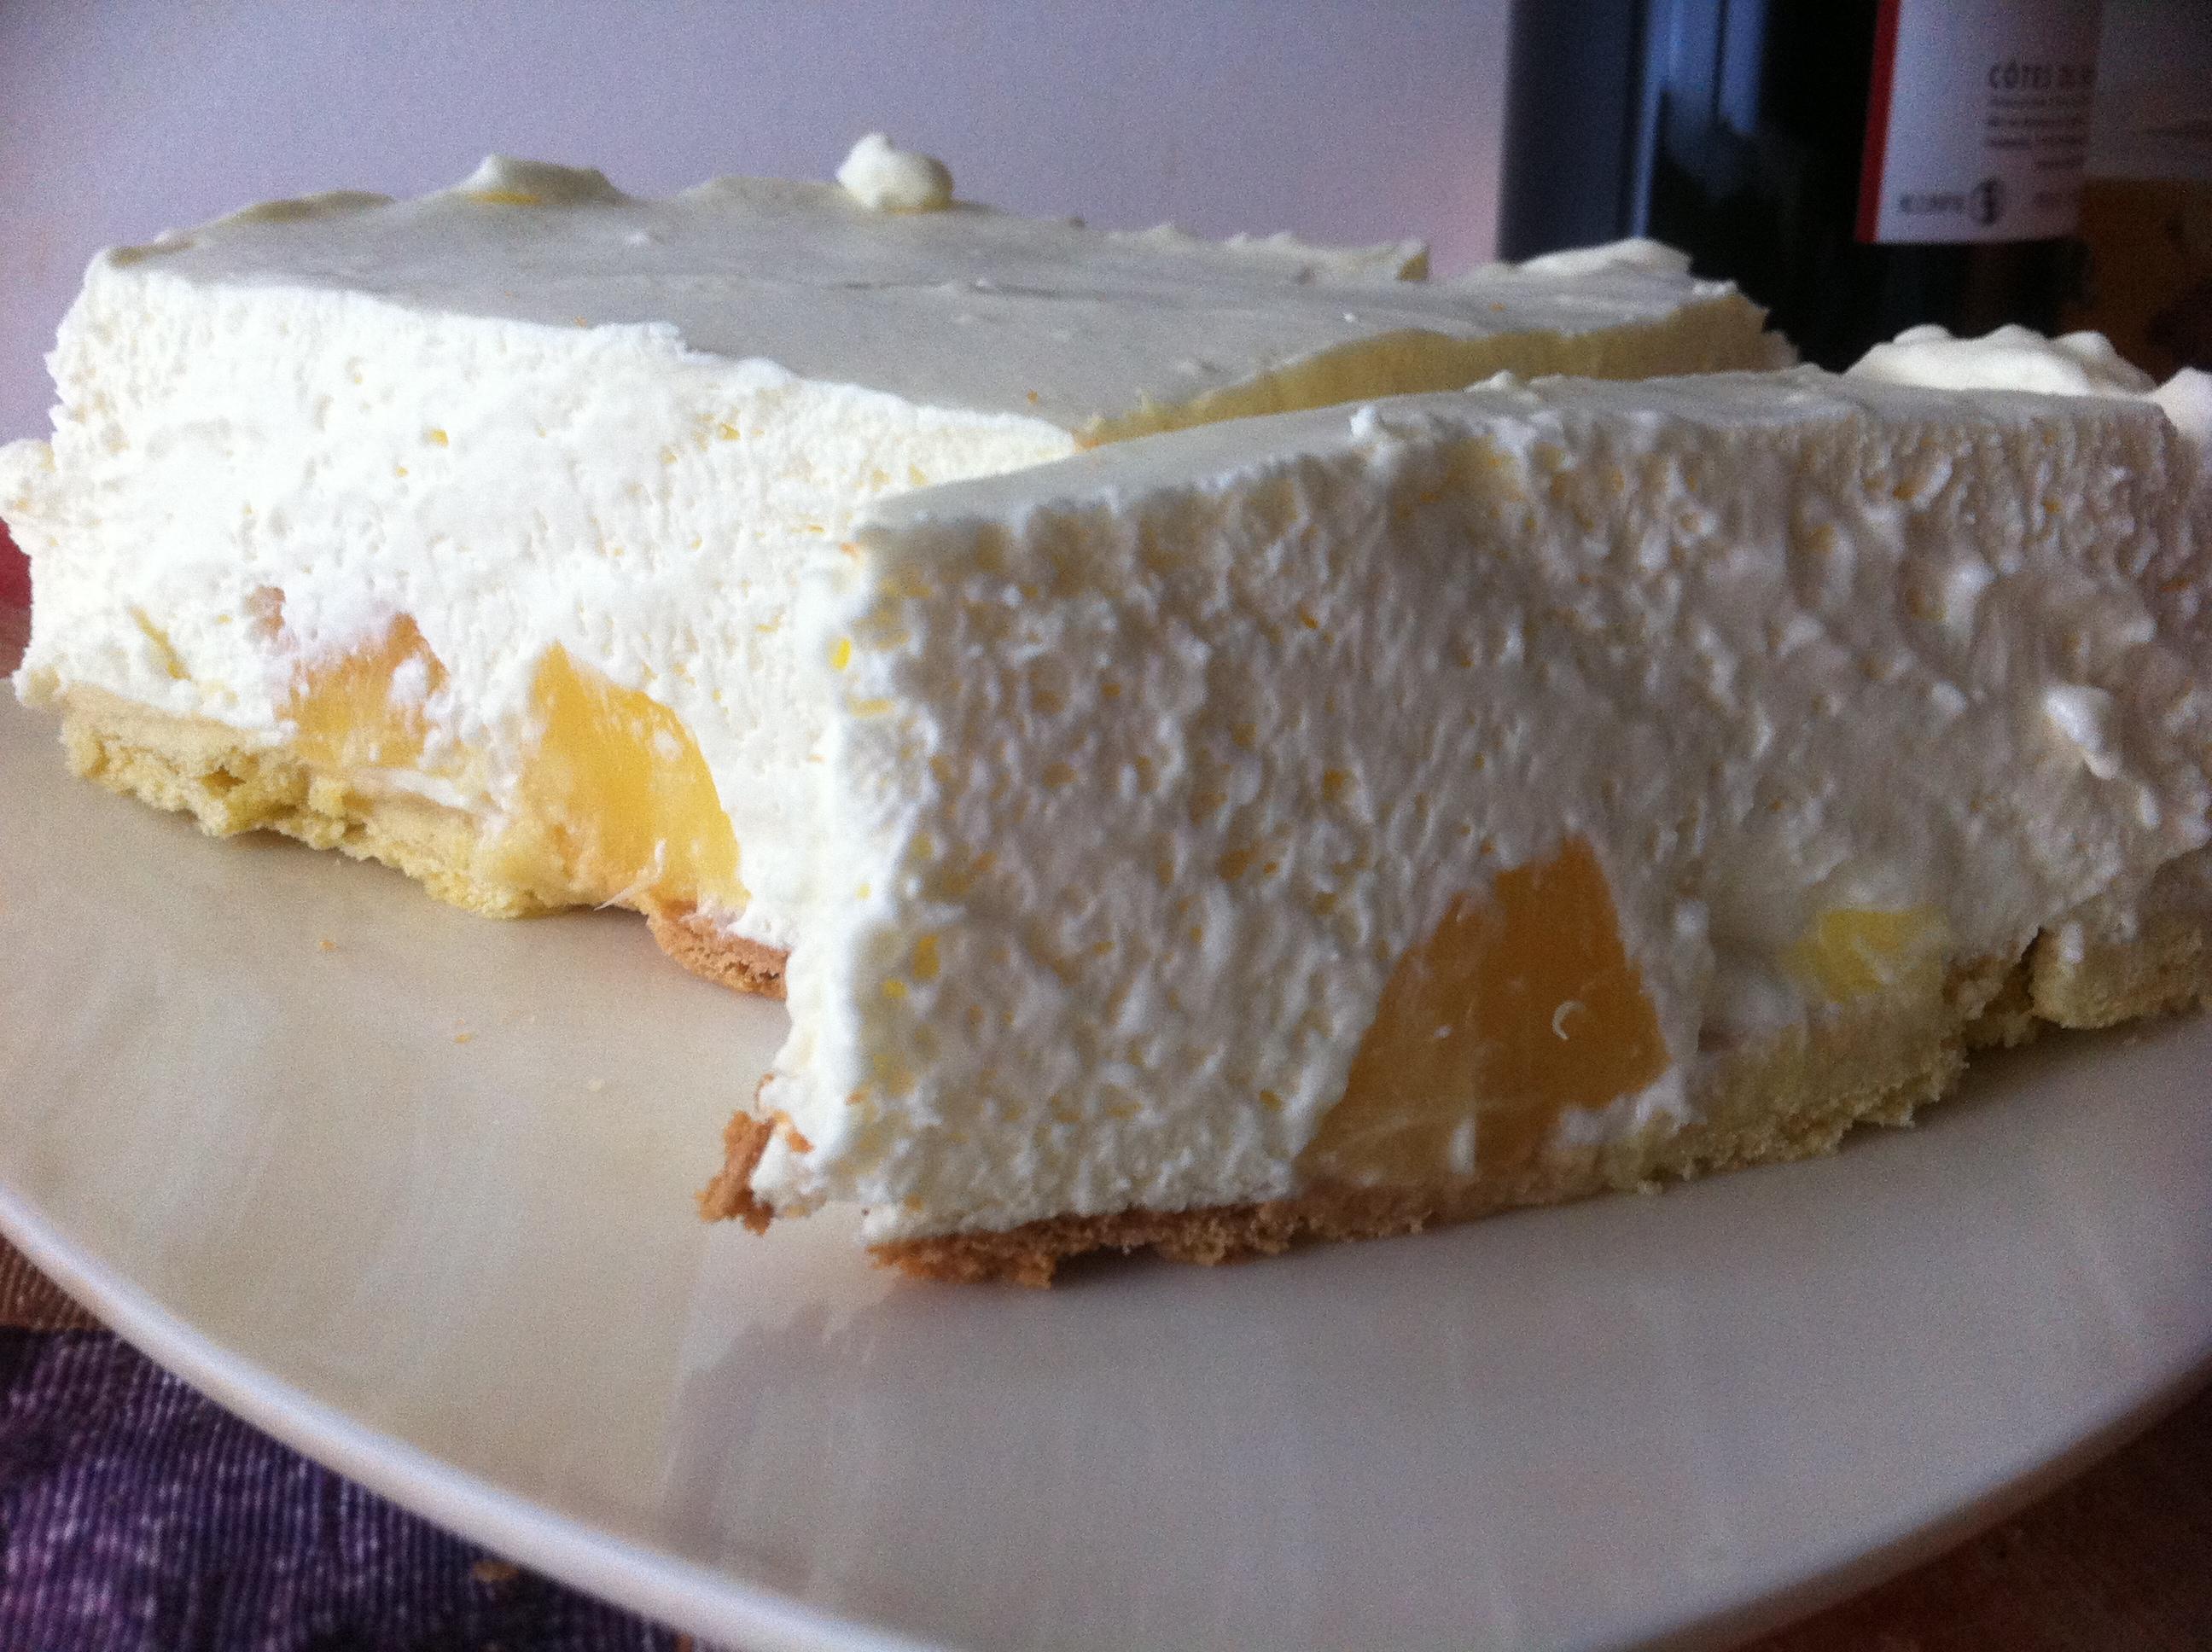 Торт из творога признан самым простым и быстрым способом сделать угощение как для чаепития, так для праздничного мероприятия.